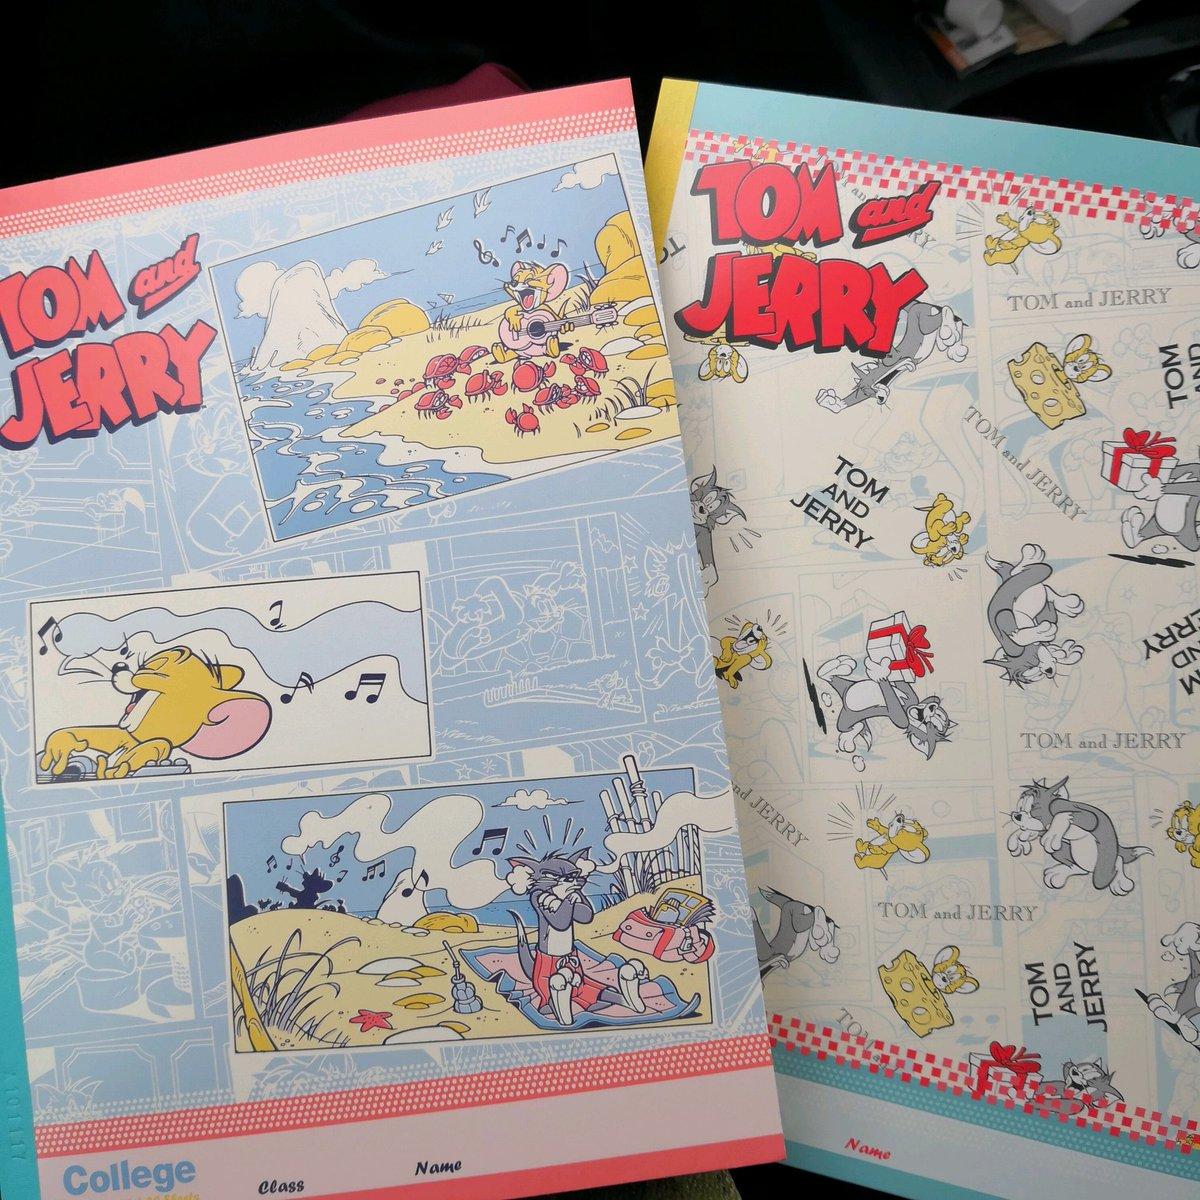 test ツイッターメディア - パンダのアルミホイルとか紙皿紙コップ割り箸とかあってそれがめっちゃ可愛かった トムとJellyのノートは即買い(´°?°`*) #キャンドゥ https://t.co/LNQZsAeVE4